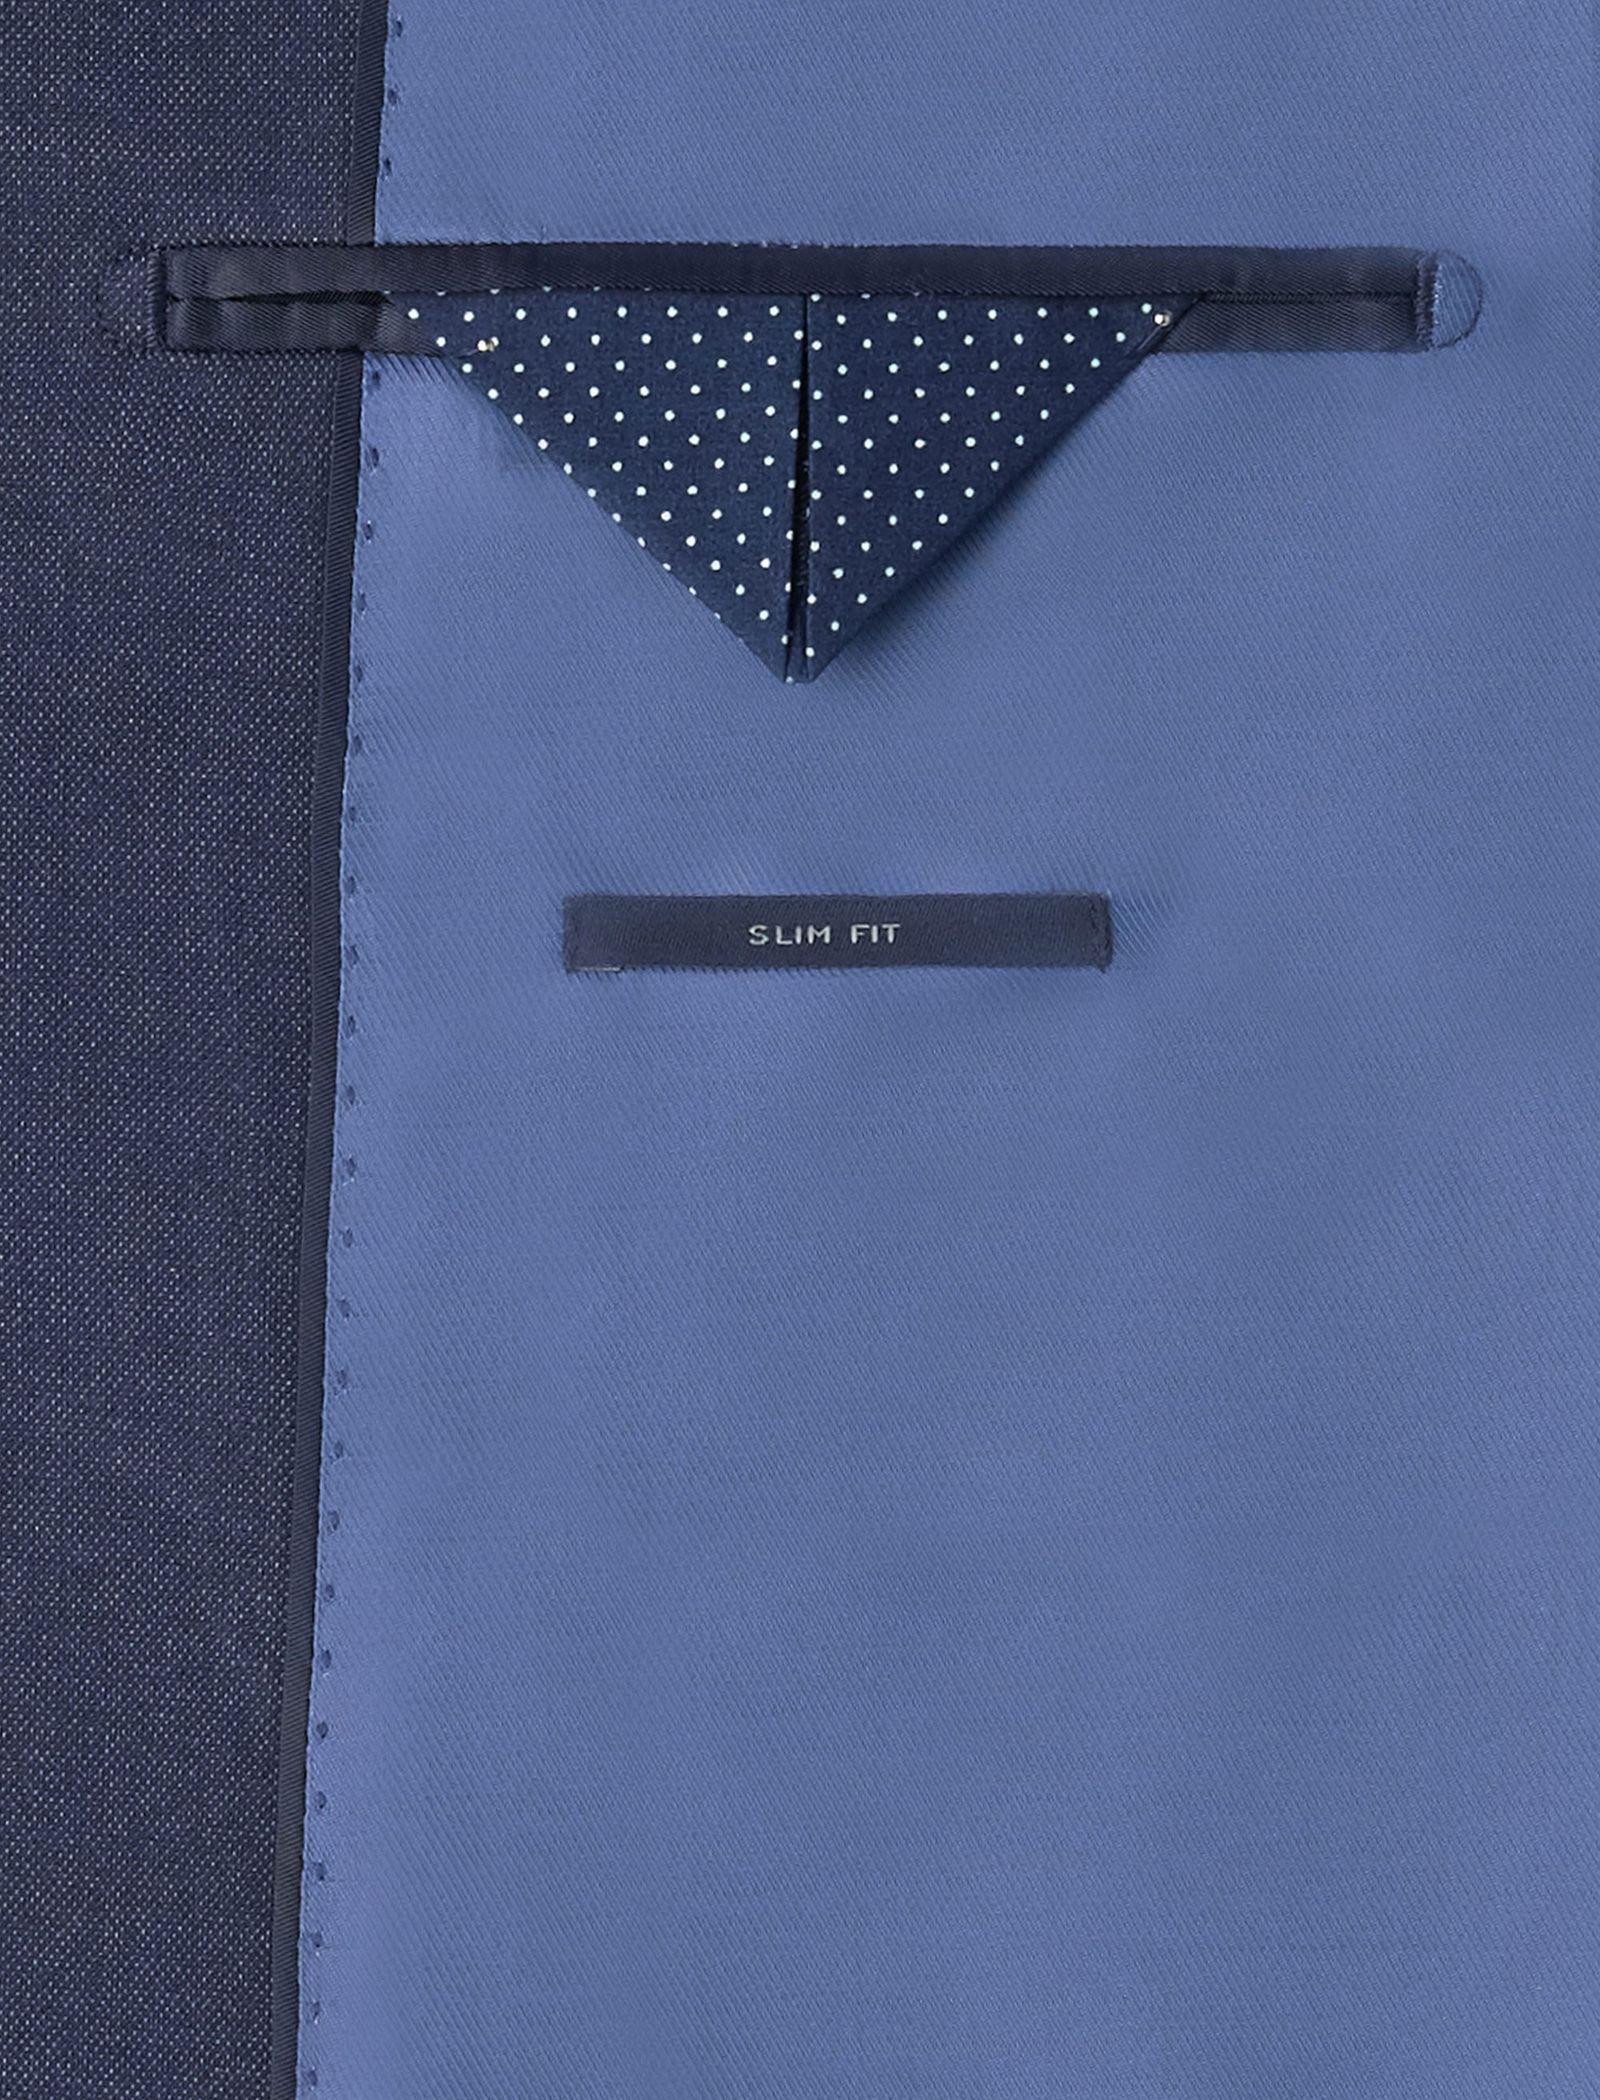 کت تک رسمی مردانه - مانگو - آبي - 7